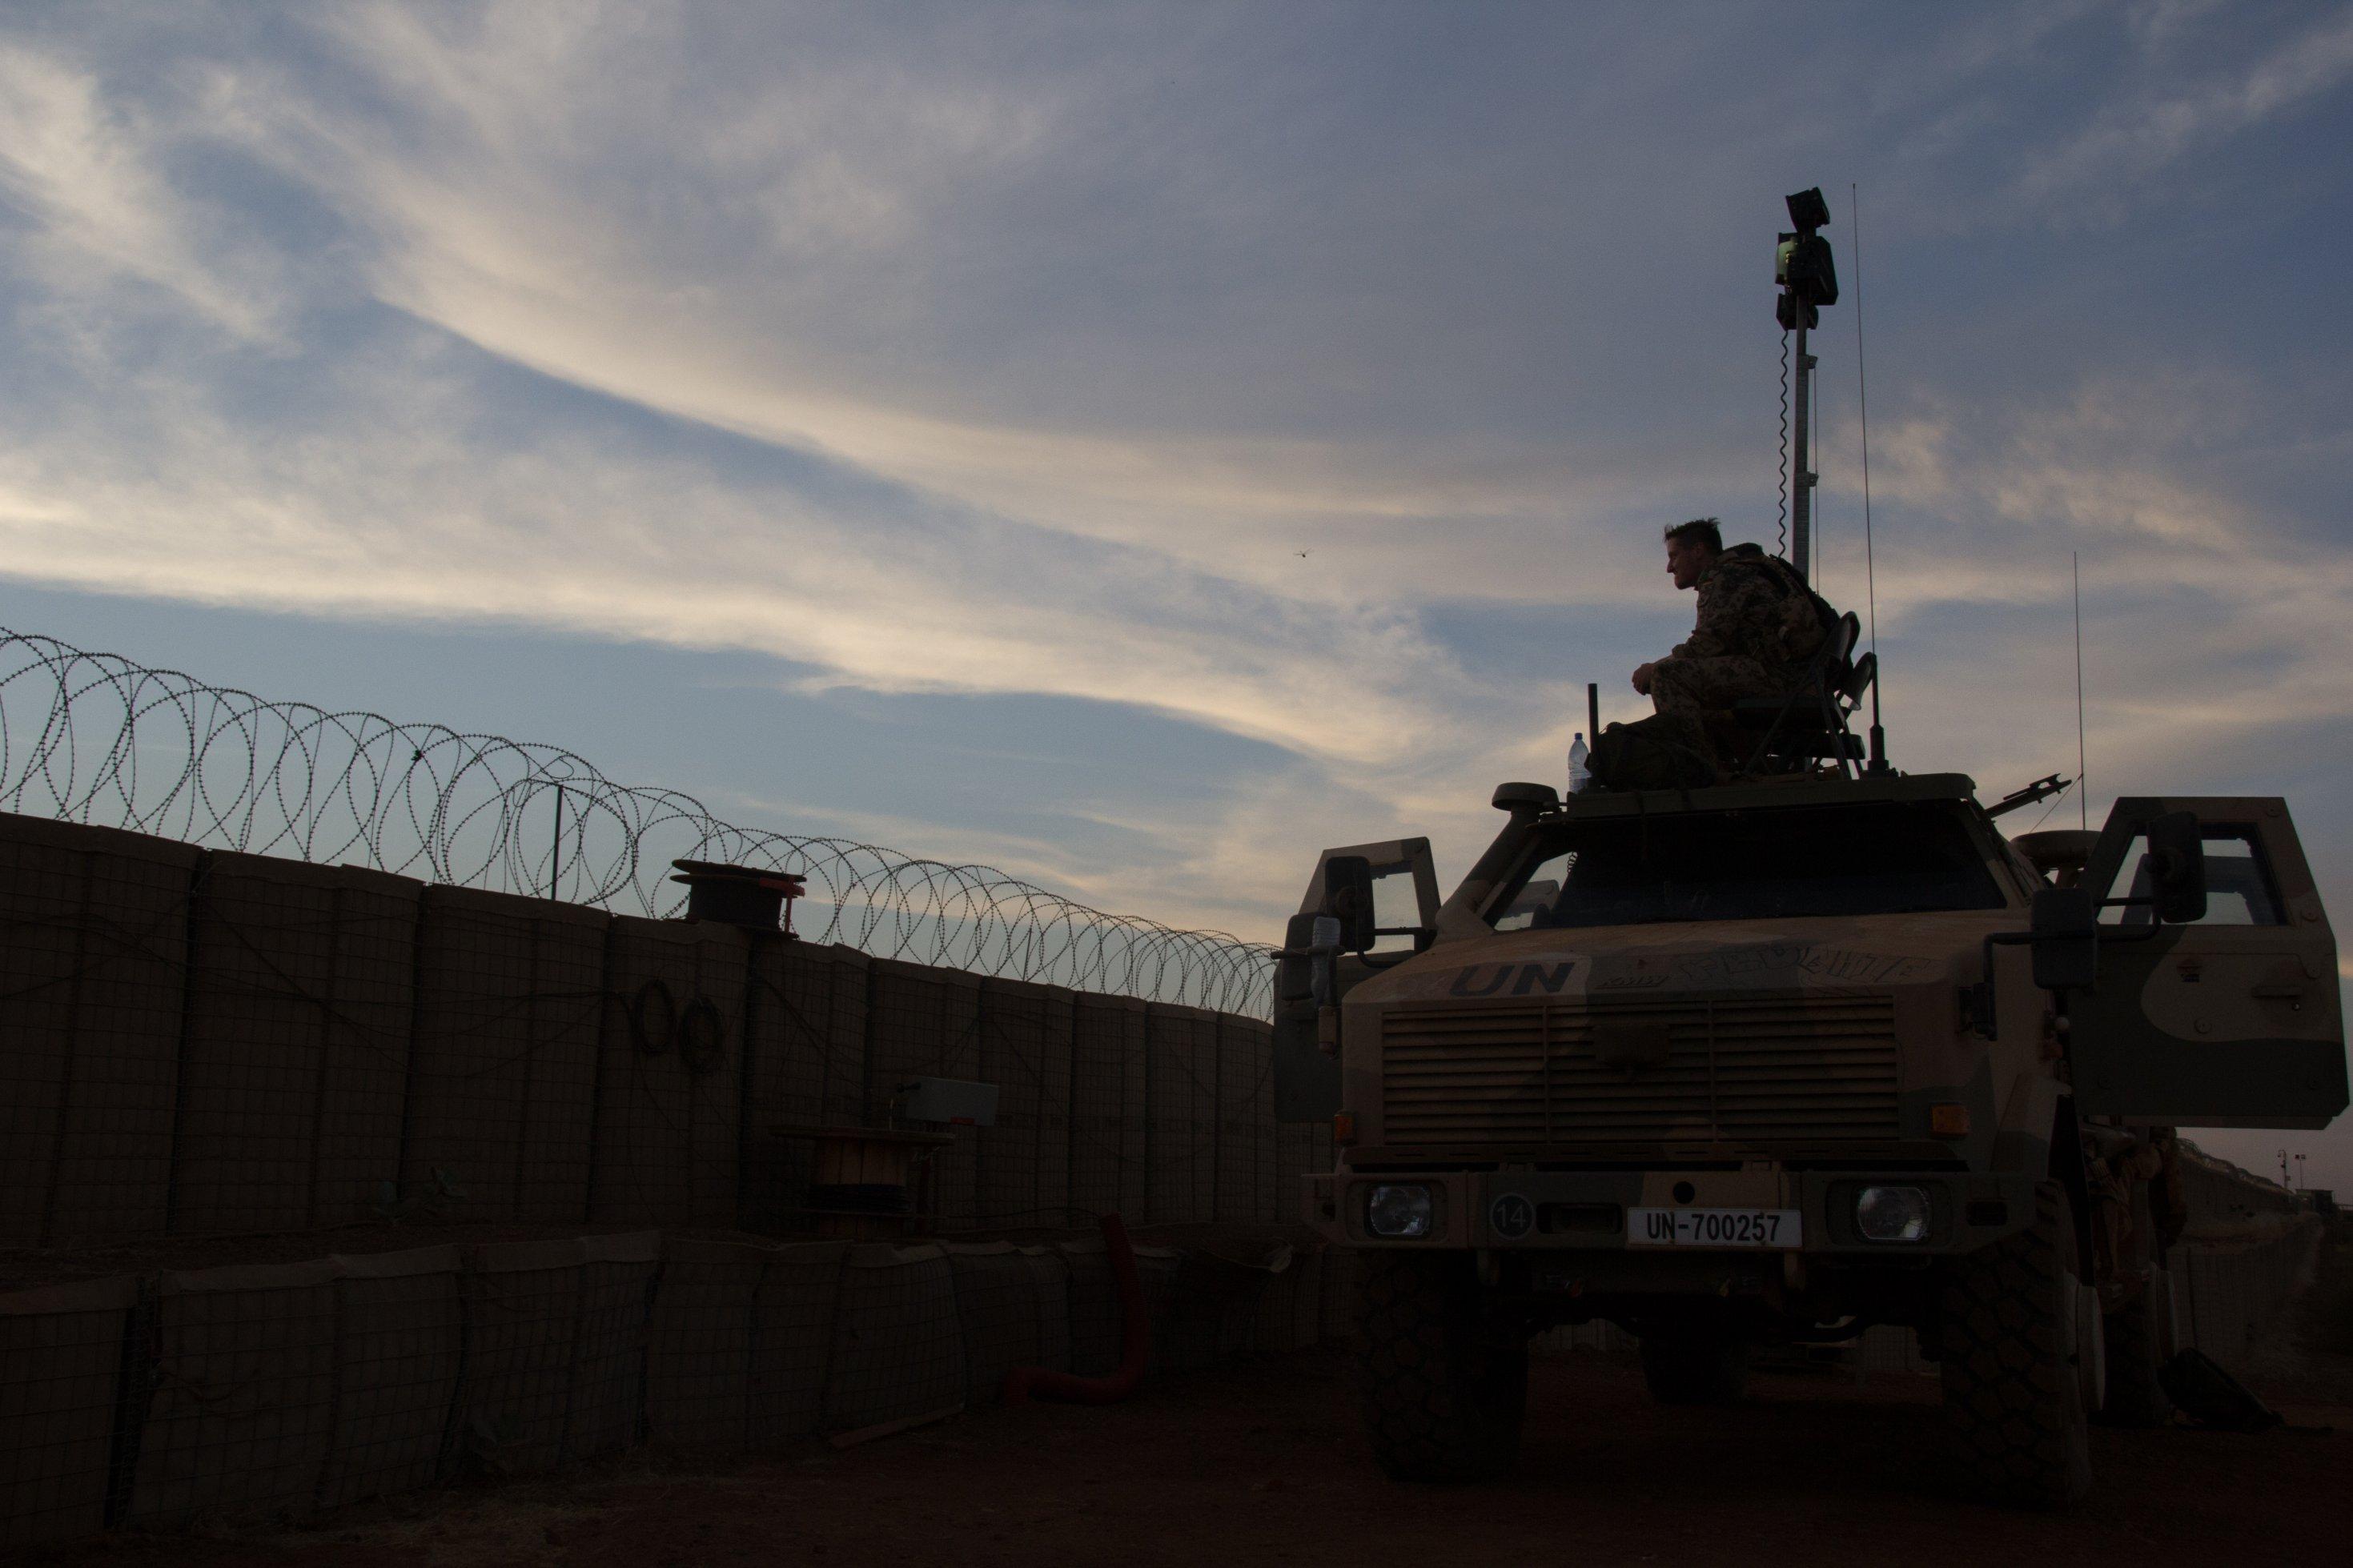 In der Abenddämmerung sind die Umrisse eines Panzers und von Soldaten zu sehen, die am neben einem Zaun – dem Umgrenzungszaun des Feldlagers – auf Ausguck sind.